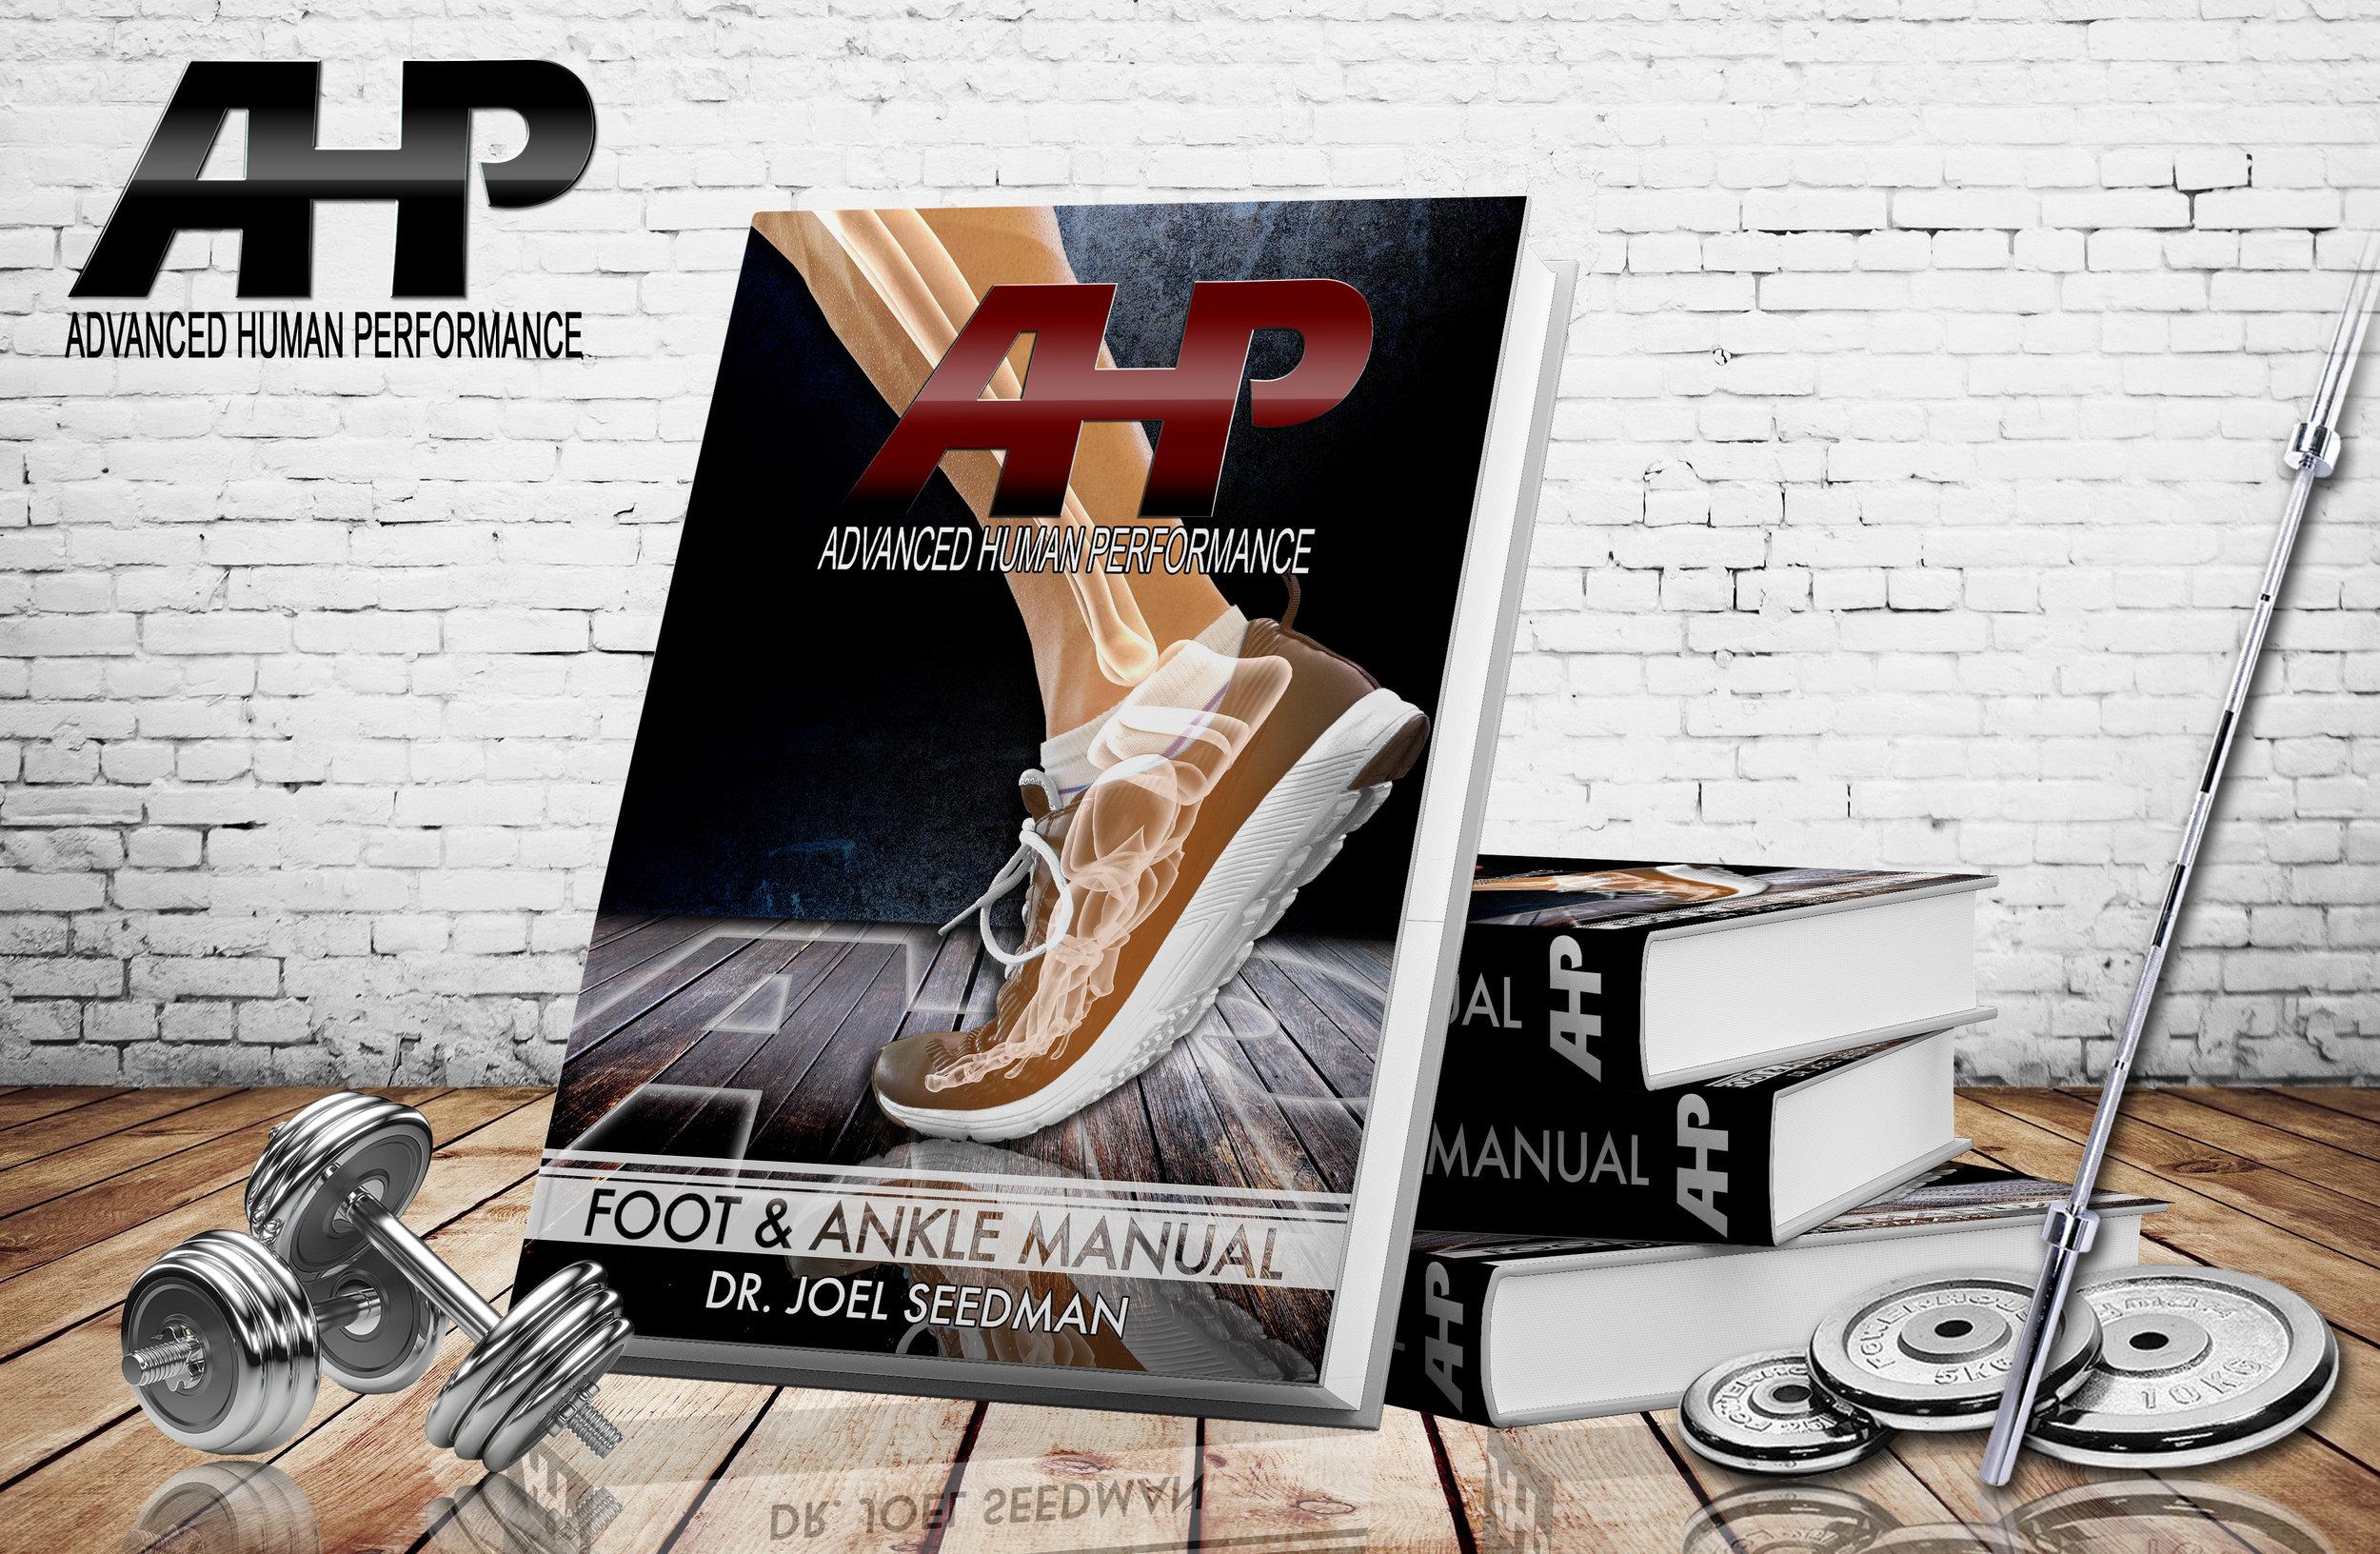 Foot & Ankle Manual - AHP.jpg